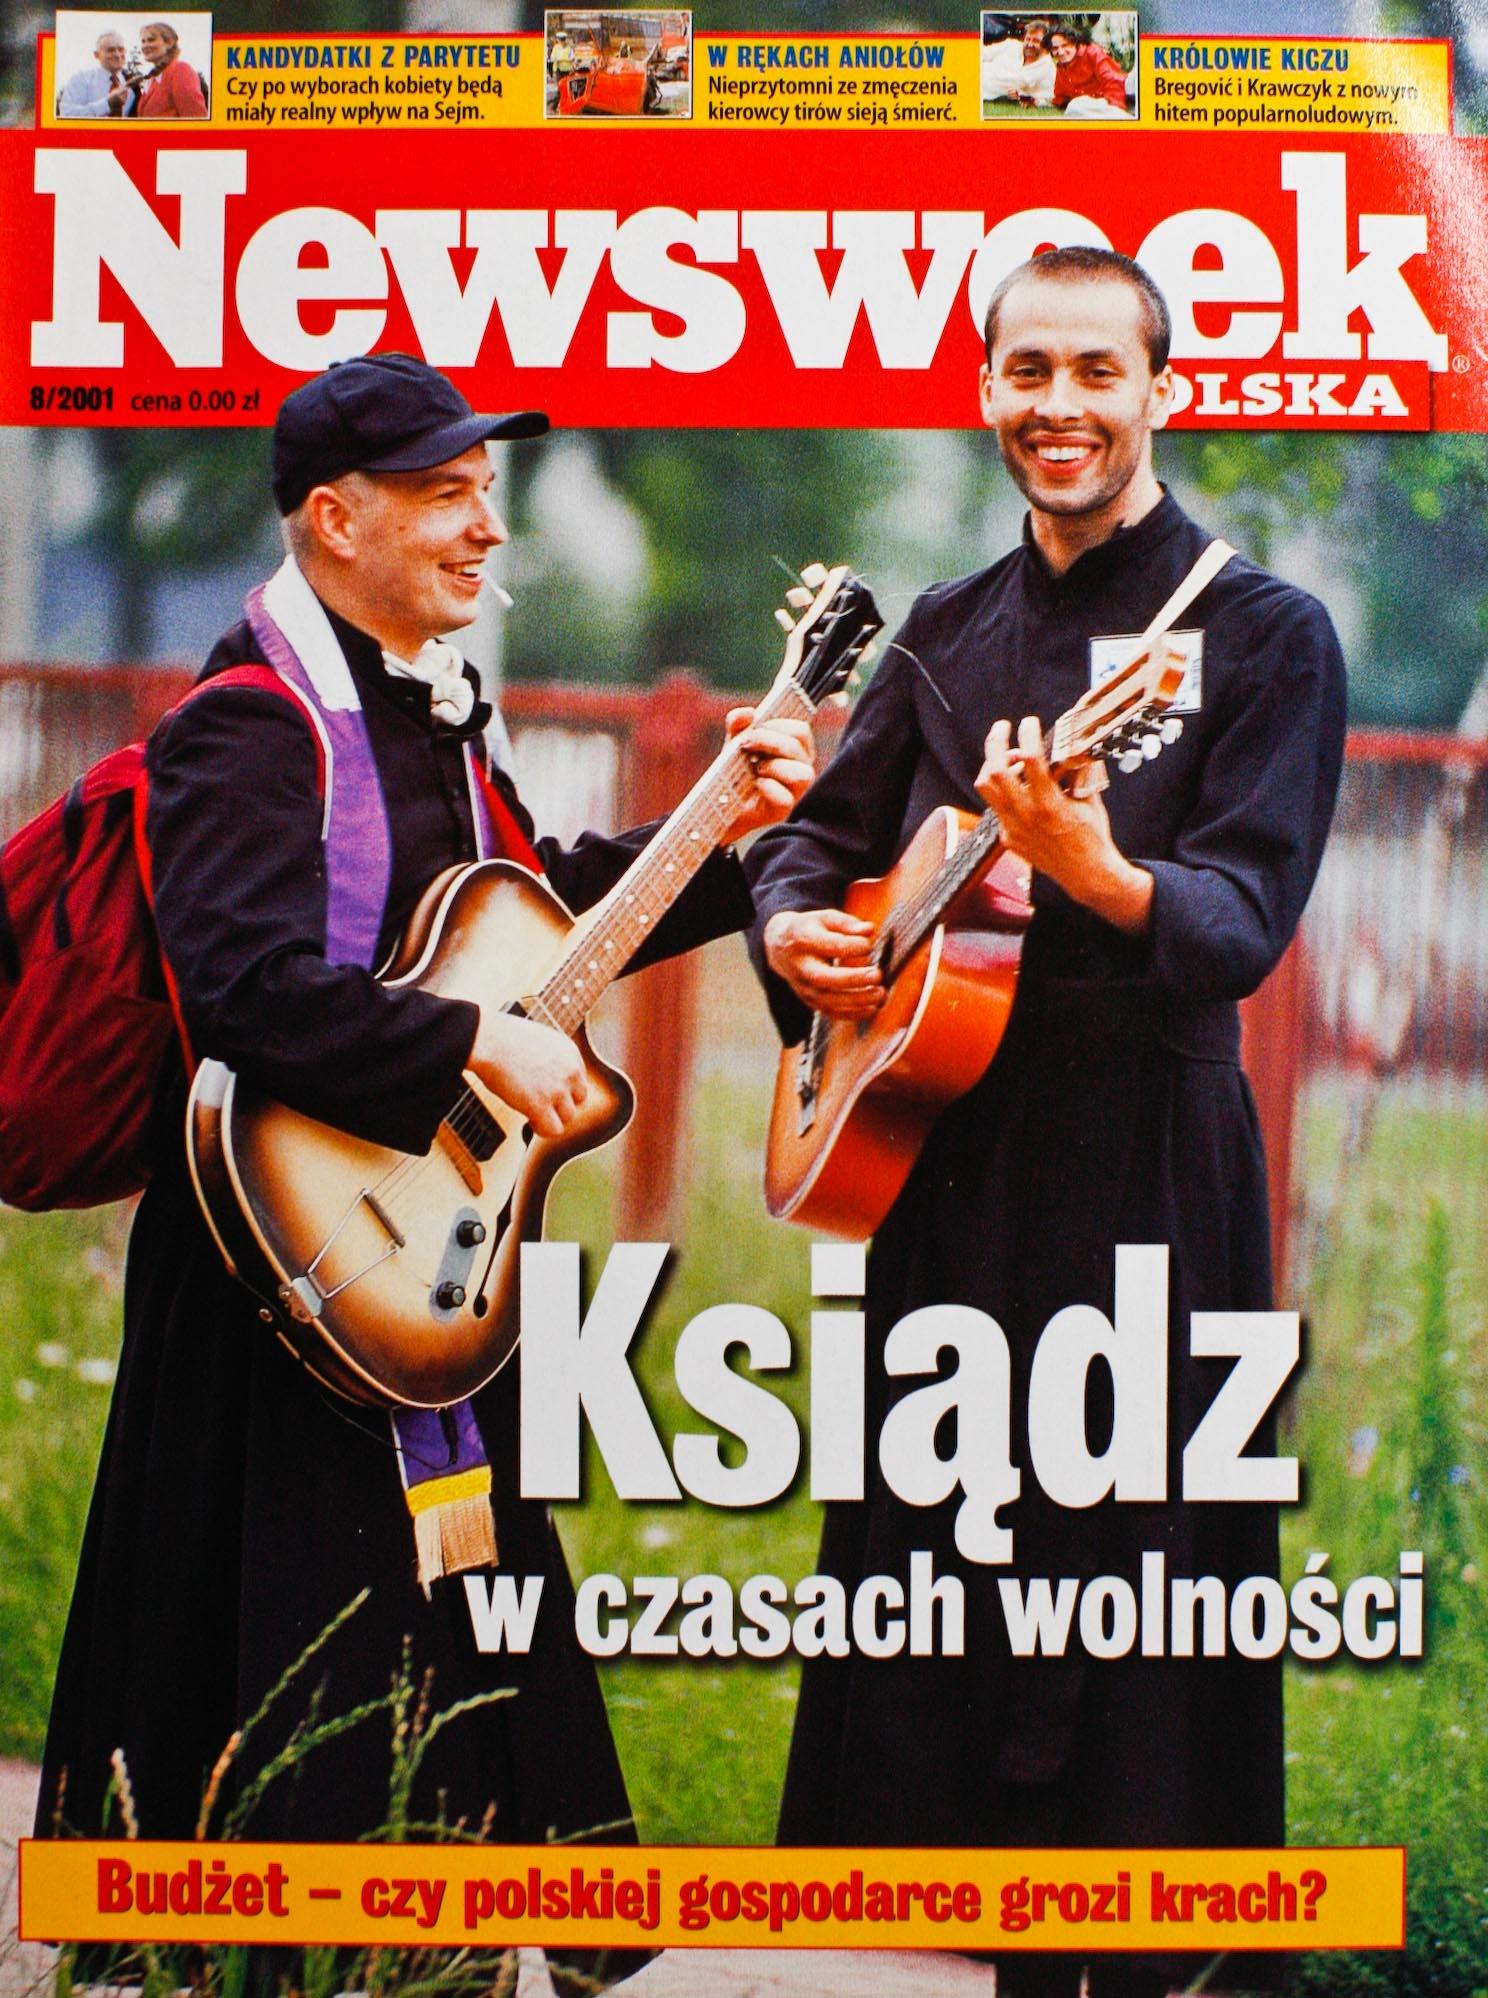 NEWSWEEK 2001